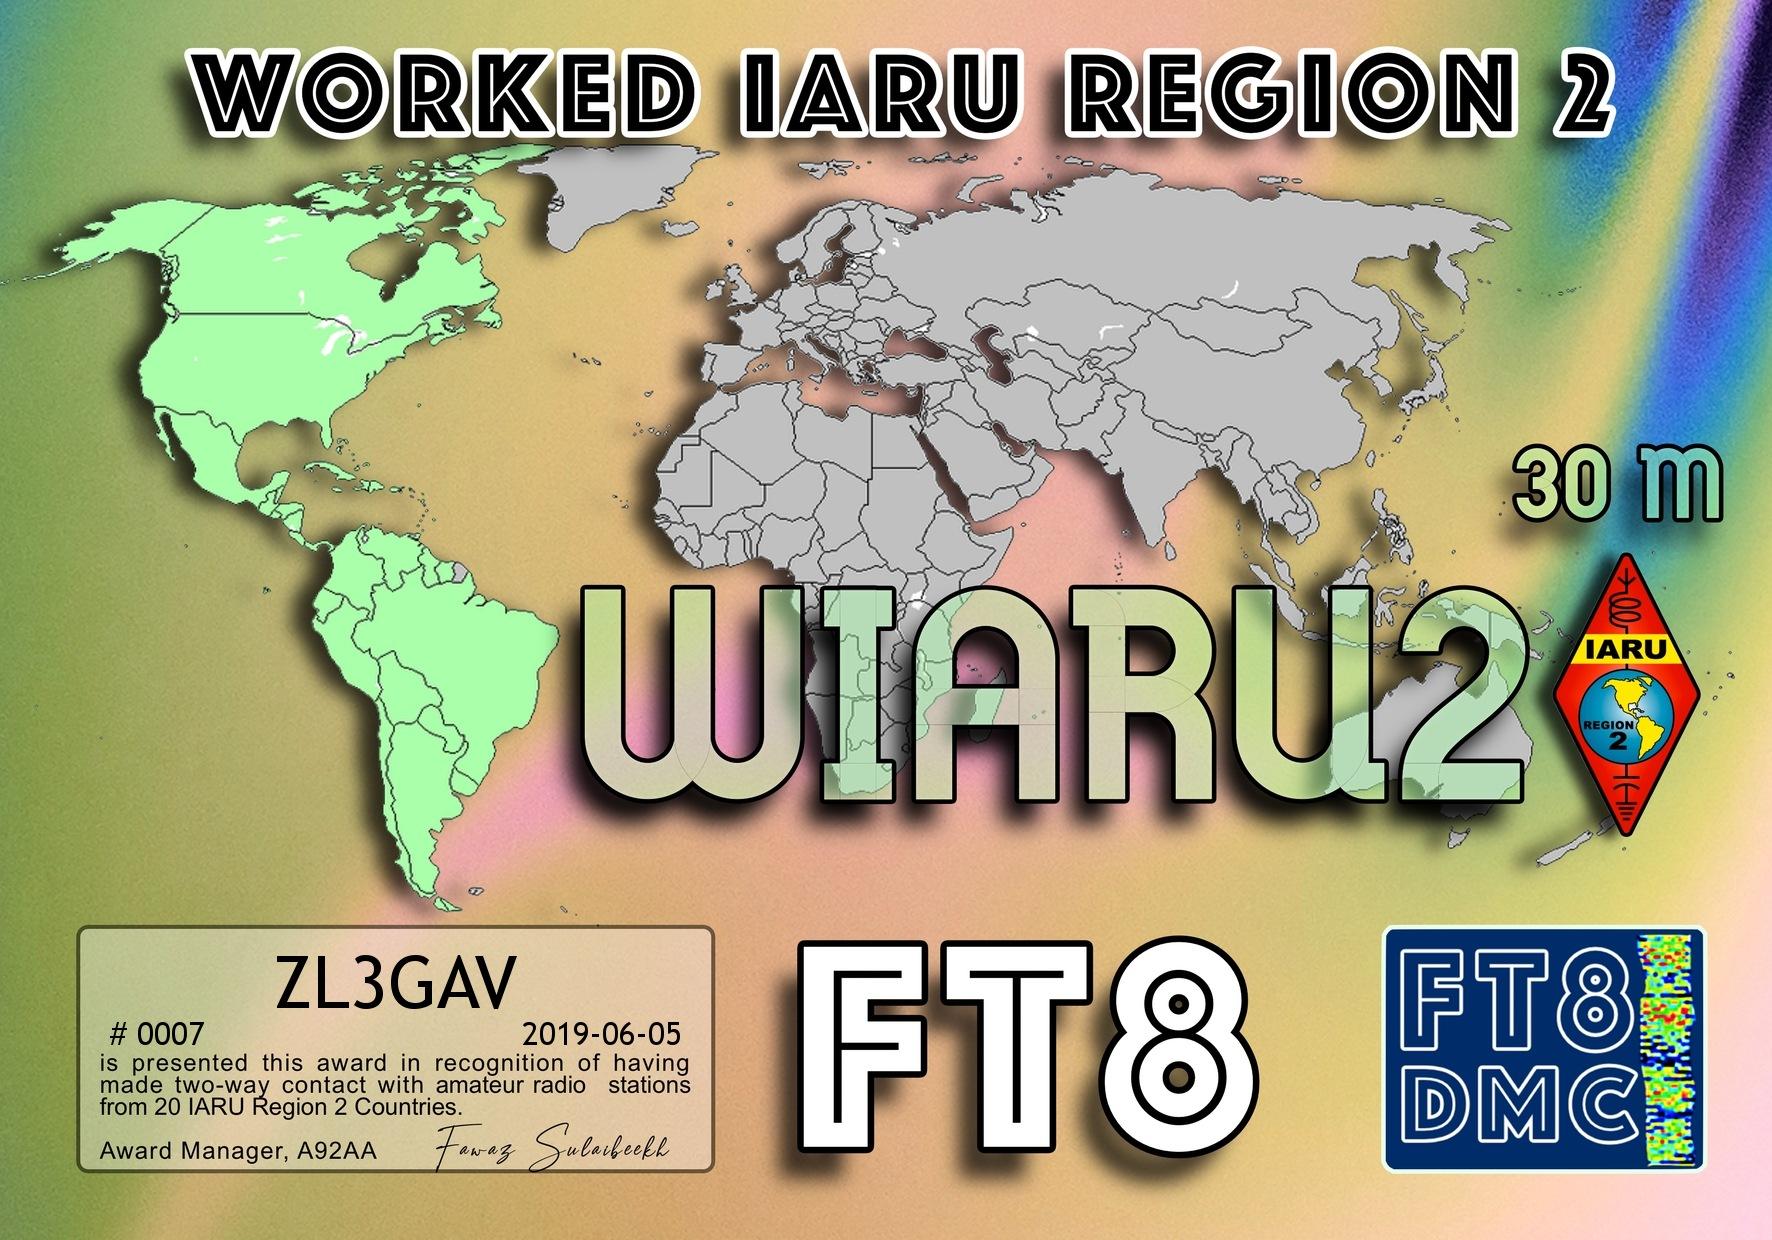 ZL3GAV-WIARU2-30M.jpg